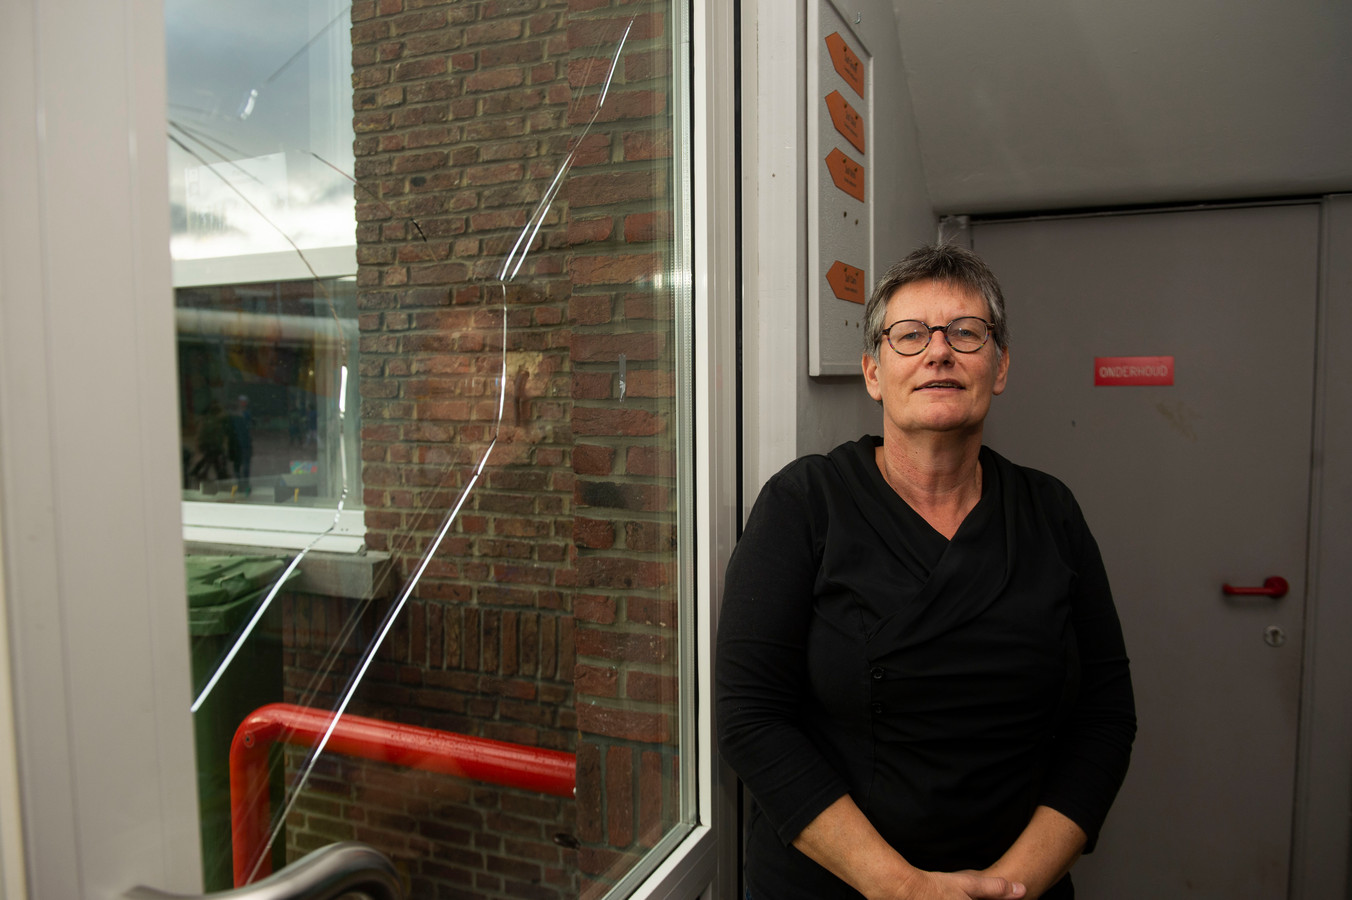 Volgens directrice Sonja Heughebaert hebben veel leerkrachten moeite gehad met het verwerken van het drama.